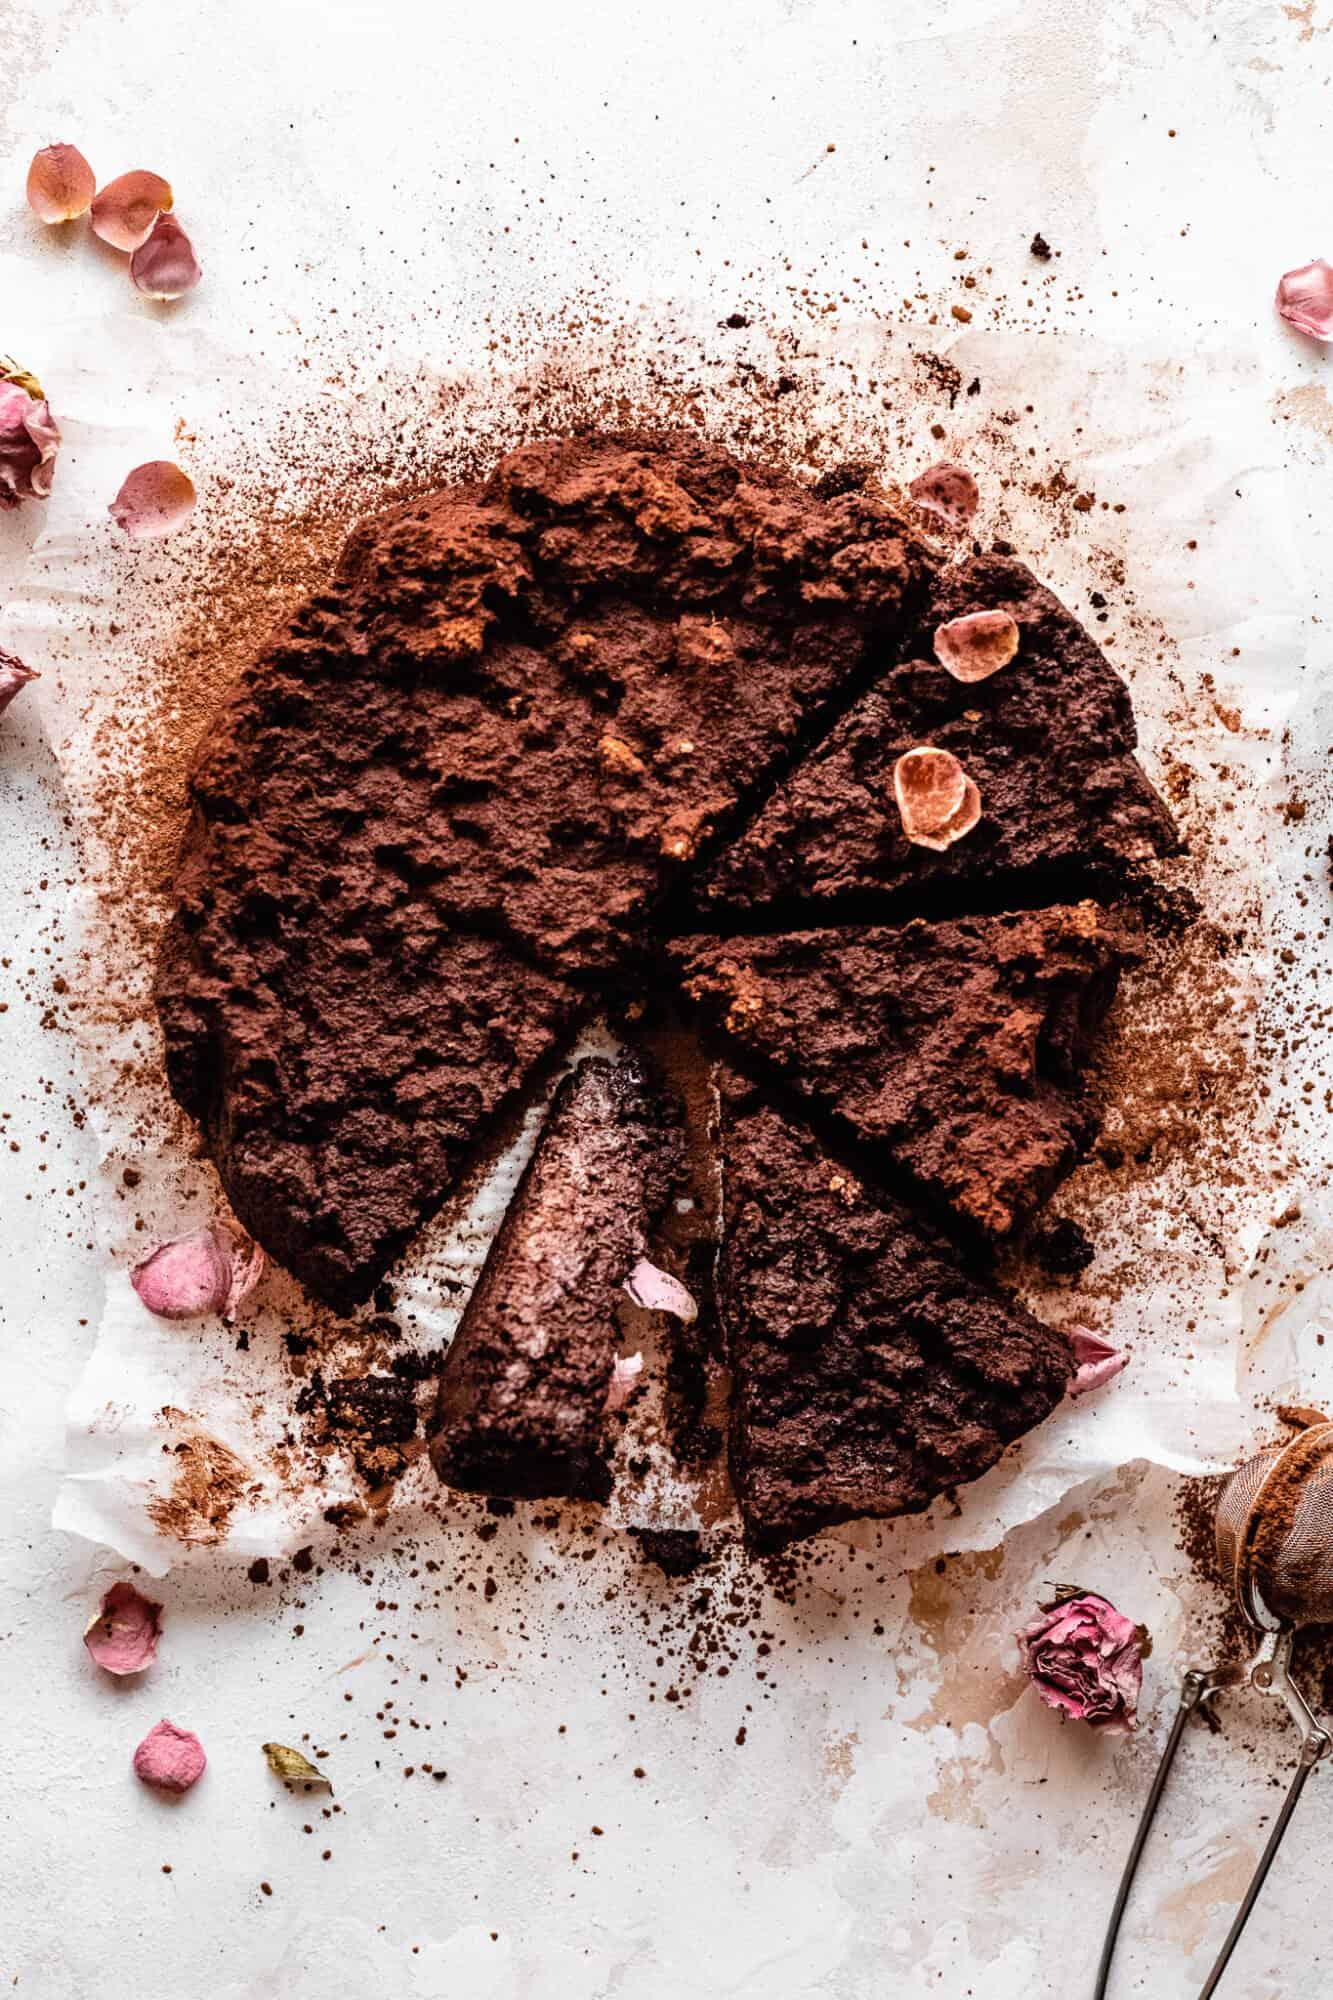 paleo vegan flourless chocolate cake